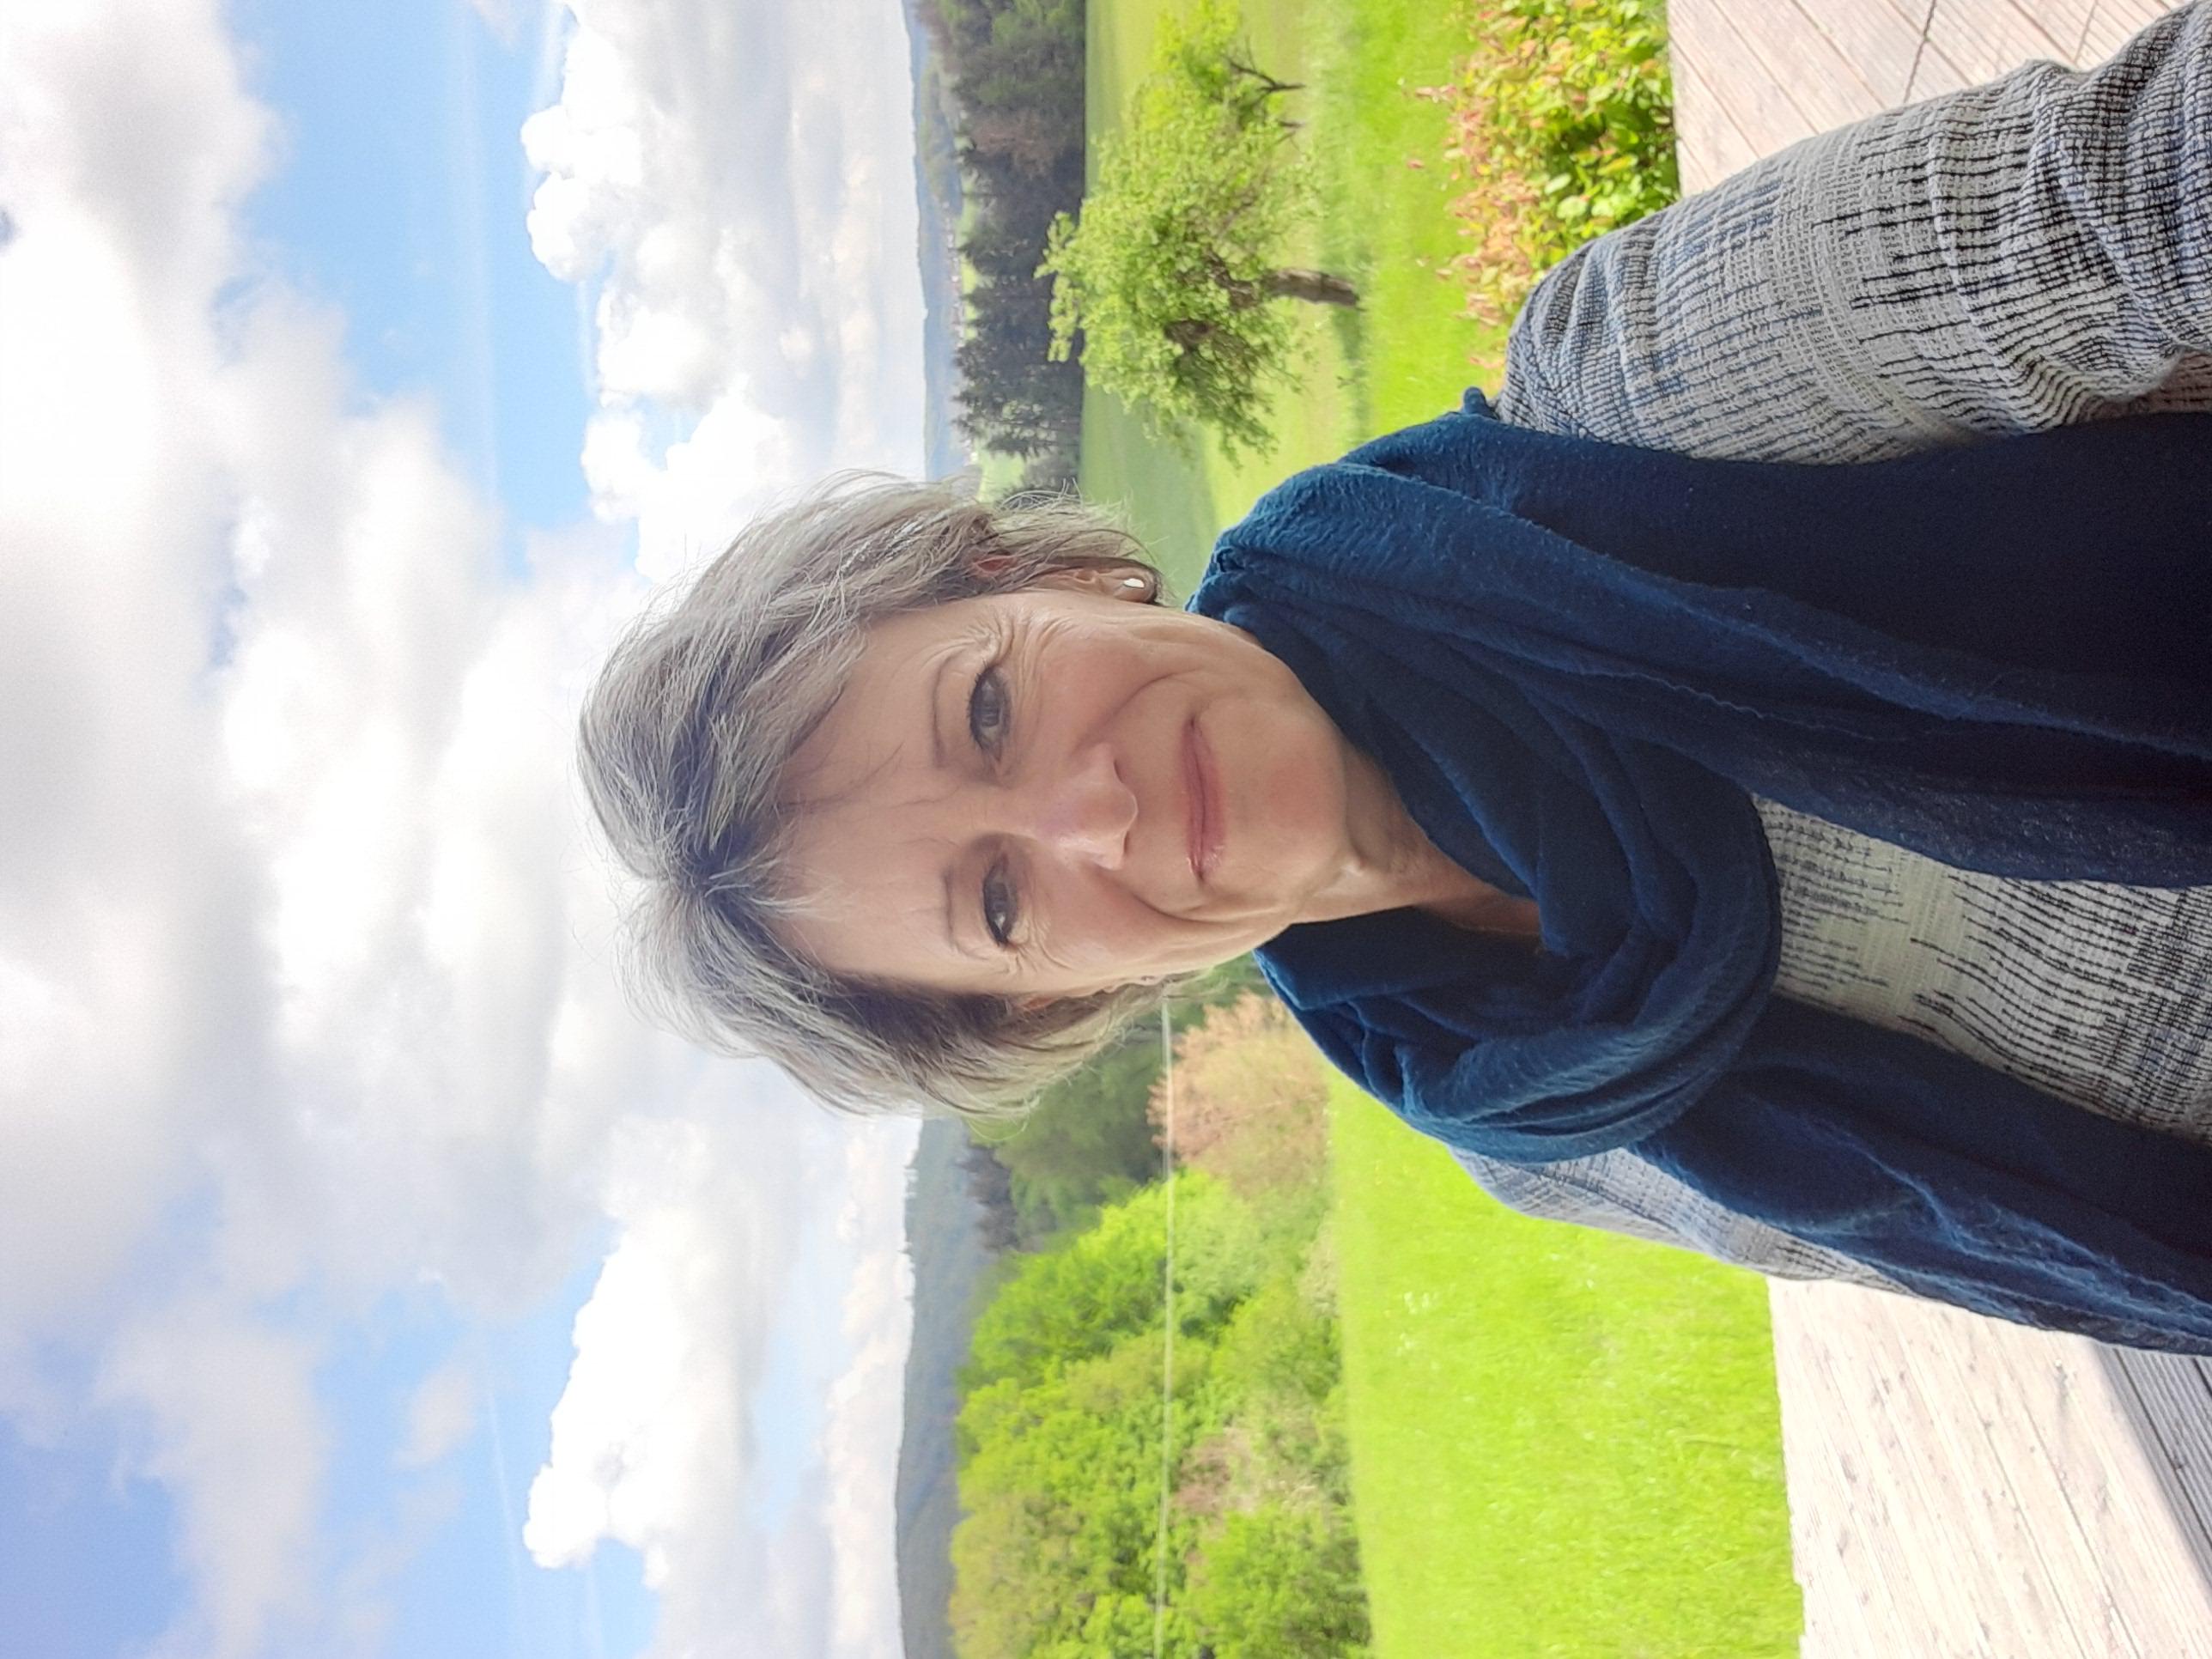 Eine Frau mit kurzen, grauen Haaren lacht in die Kamera. Hinter ihr ist ein Feld mit Bäumen zu sehen.